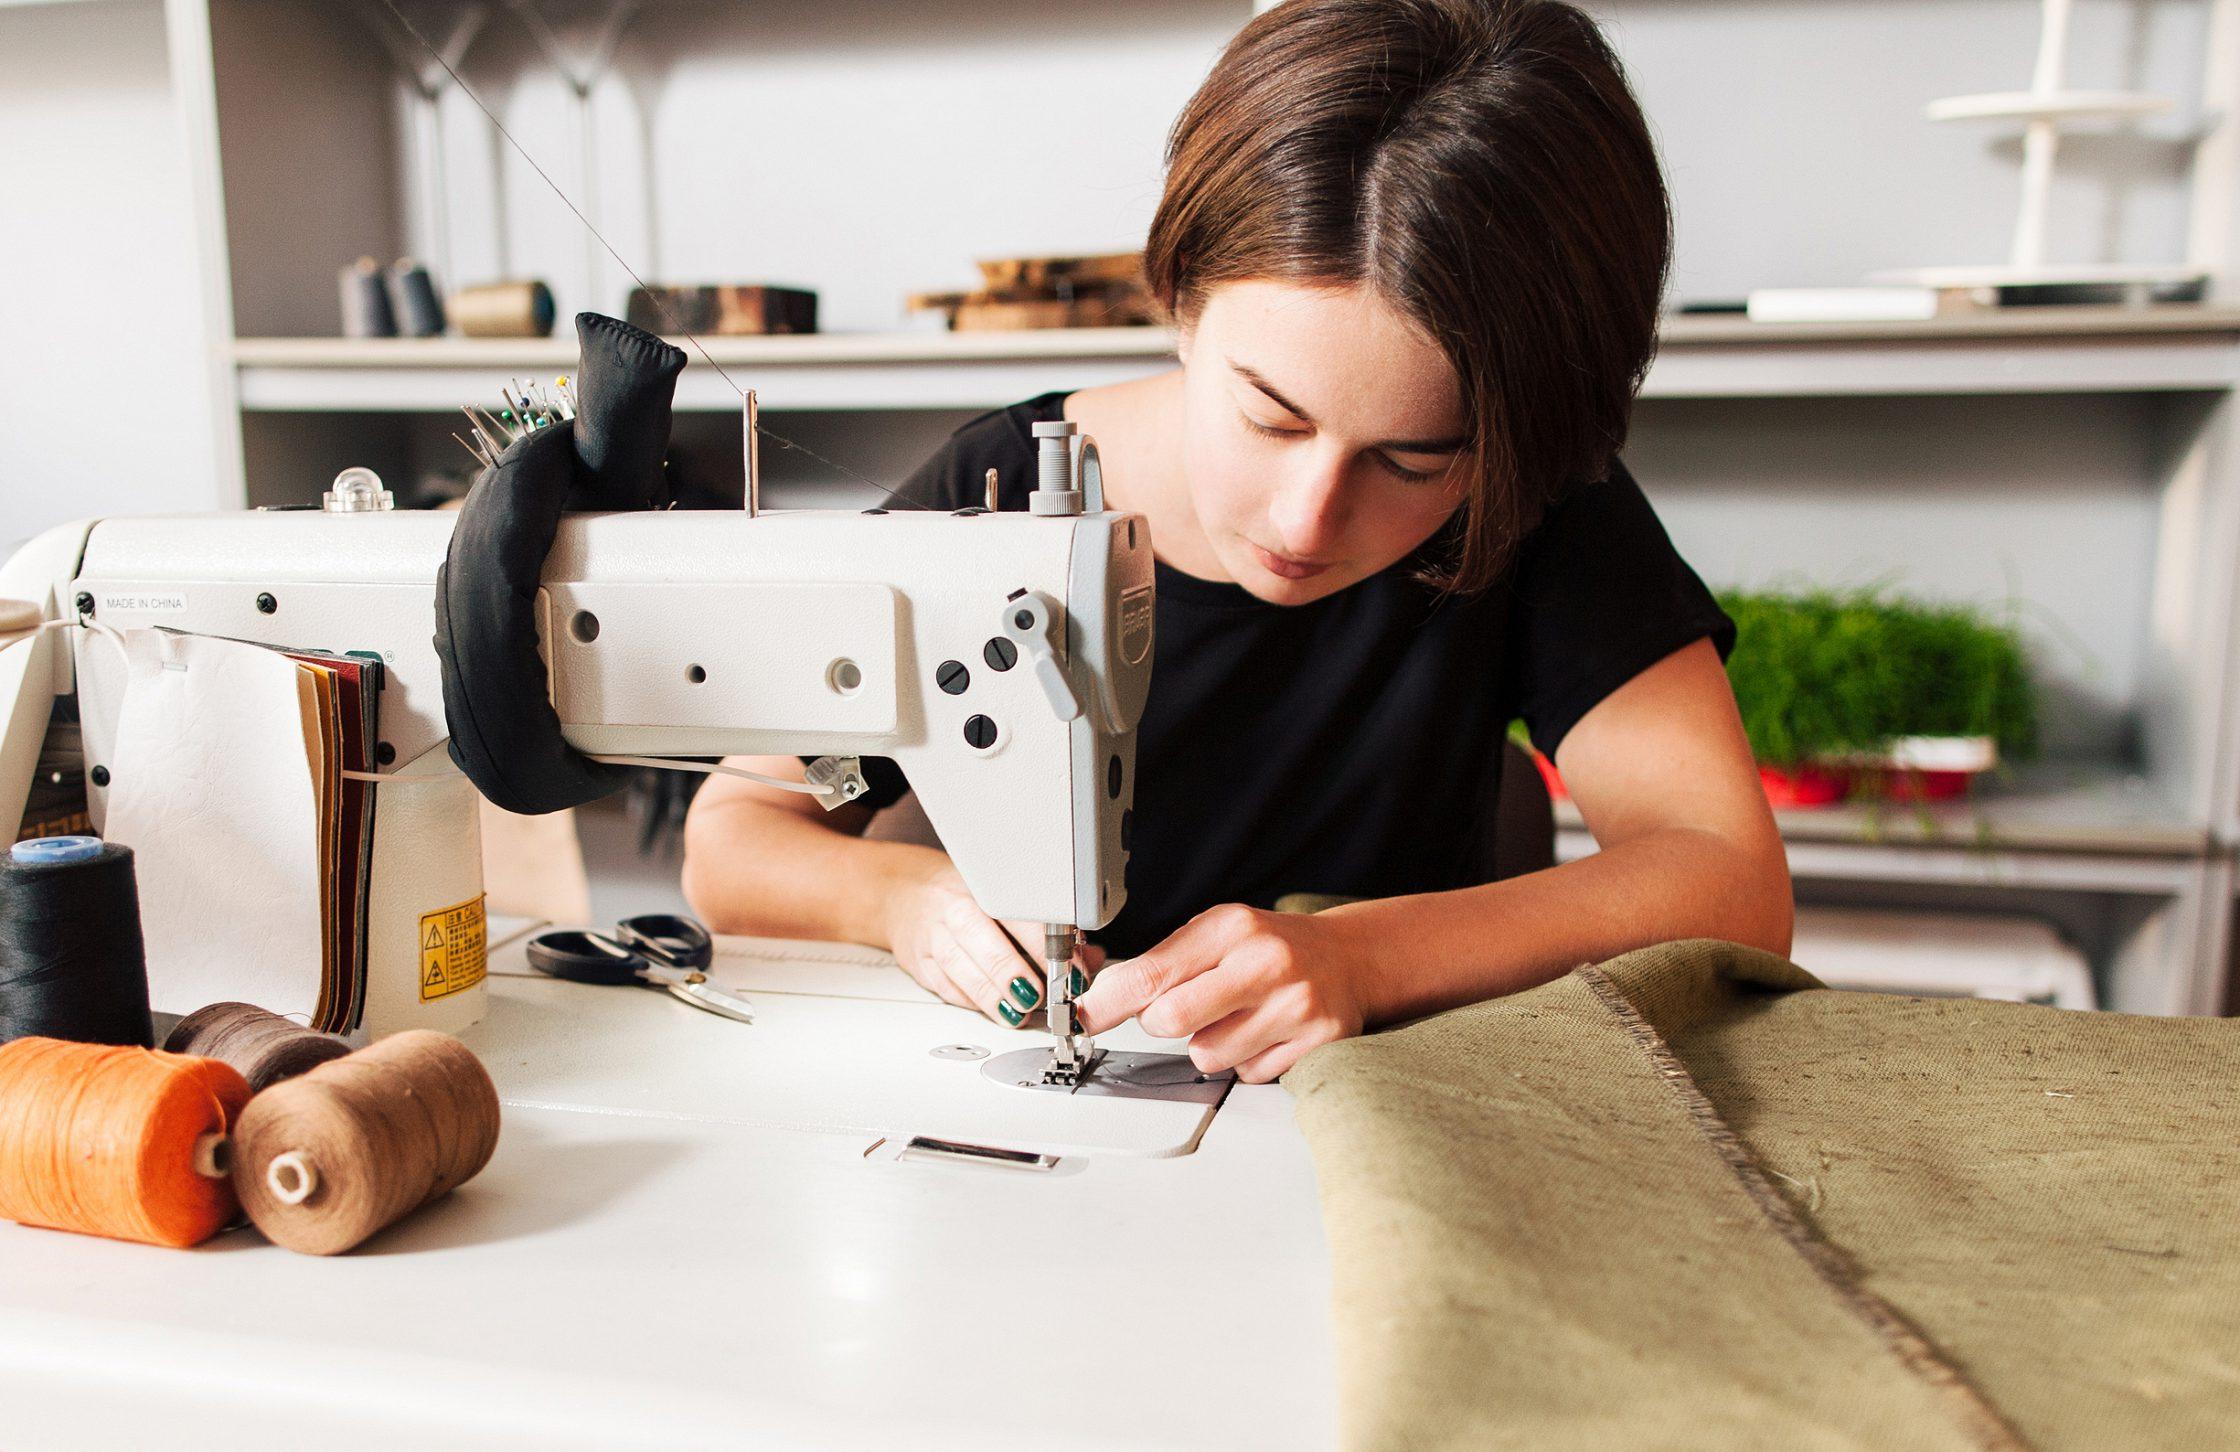 meisje repareert kleding met naaimachine